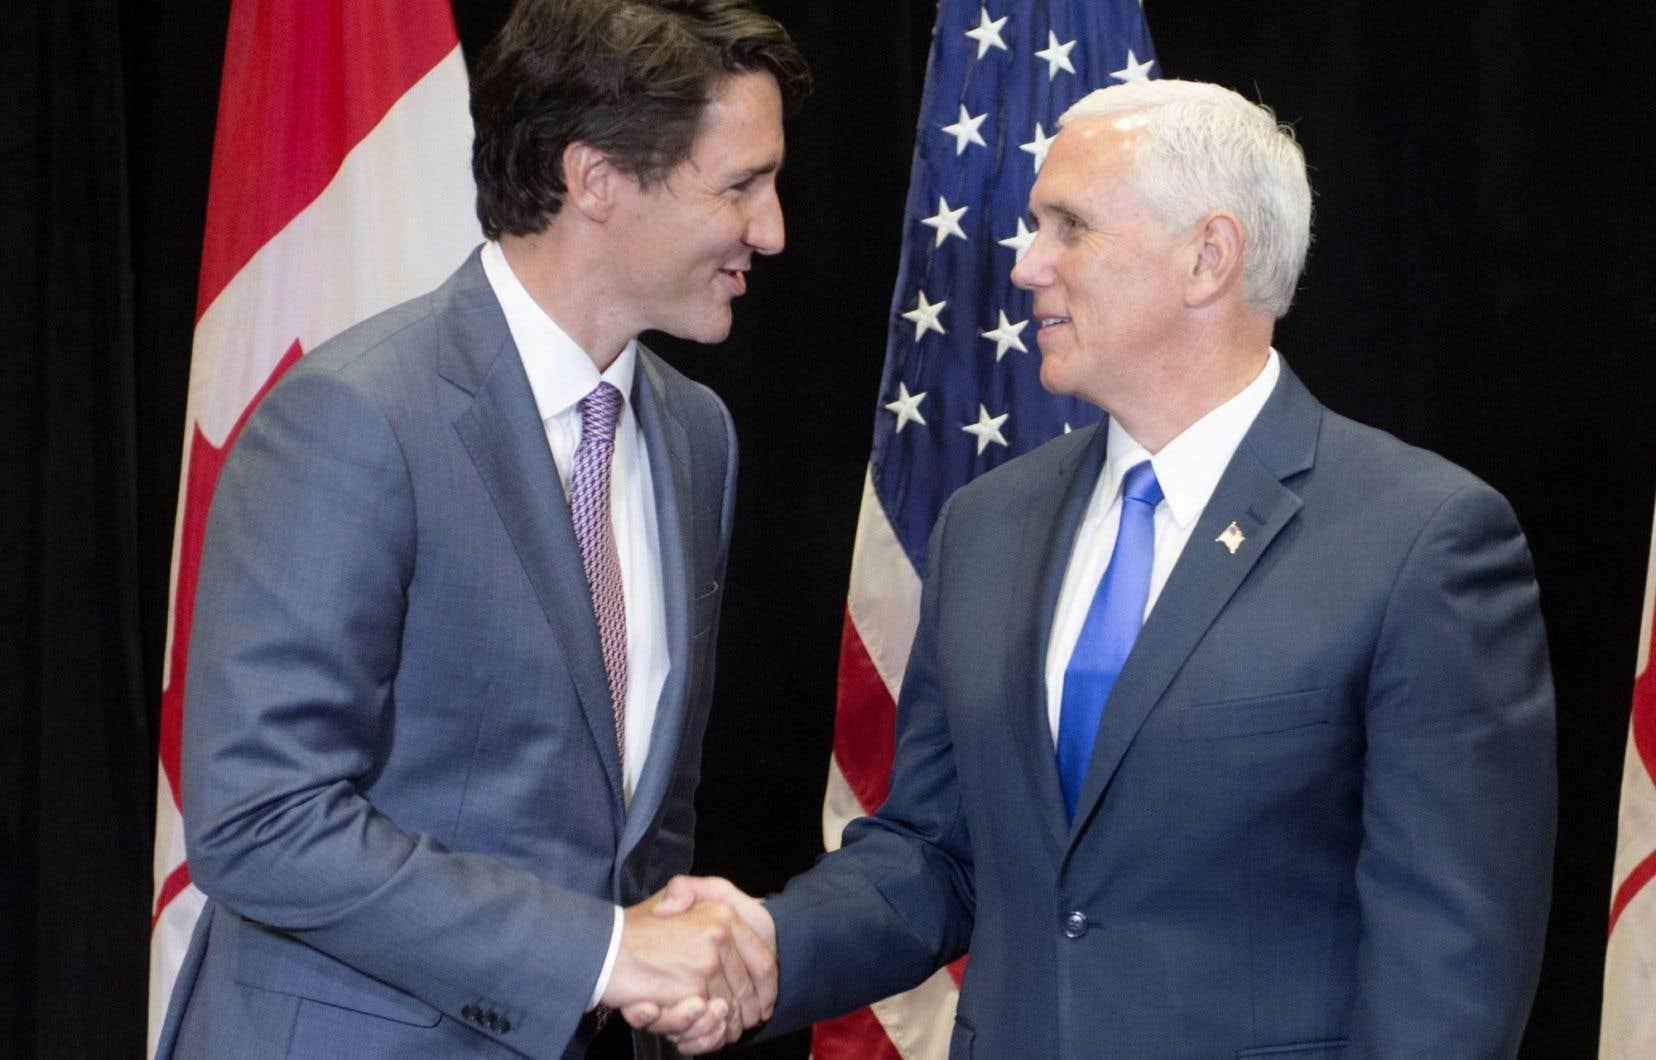 Justin Trudeau a dirigé une délégation canadienne en visite à la rencontre annuelle des gouverneurs américains, vendredi, au Rhode Island. Le premier ministre a ainsi eu l'occasion de s'entretenir avec le vice-président américain, Mike Pence.